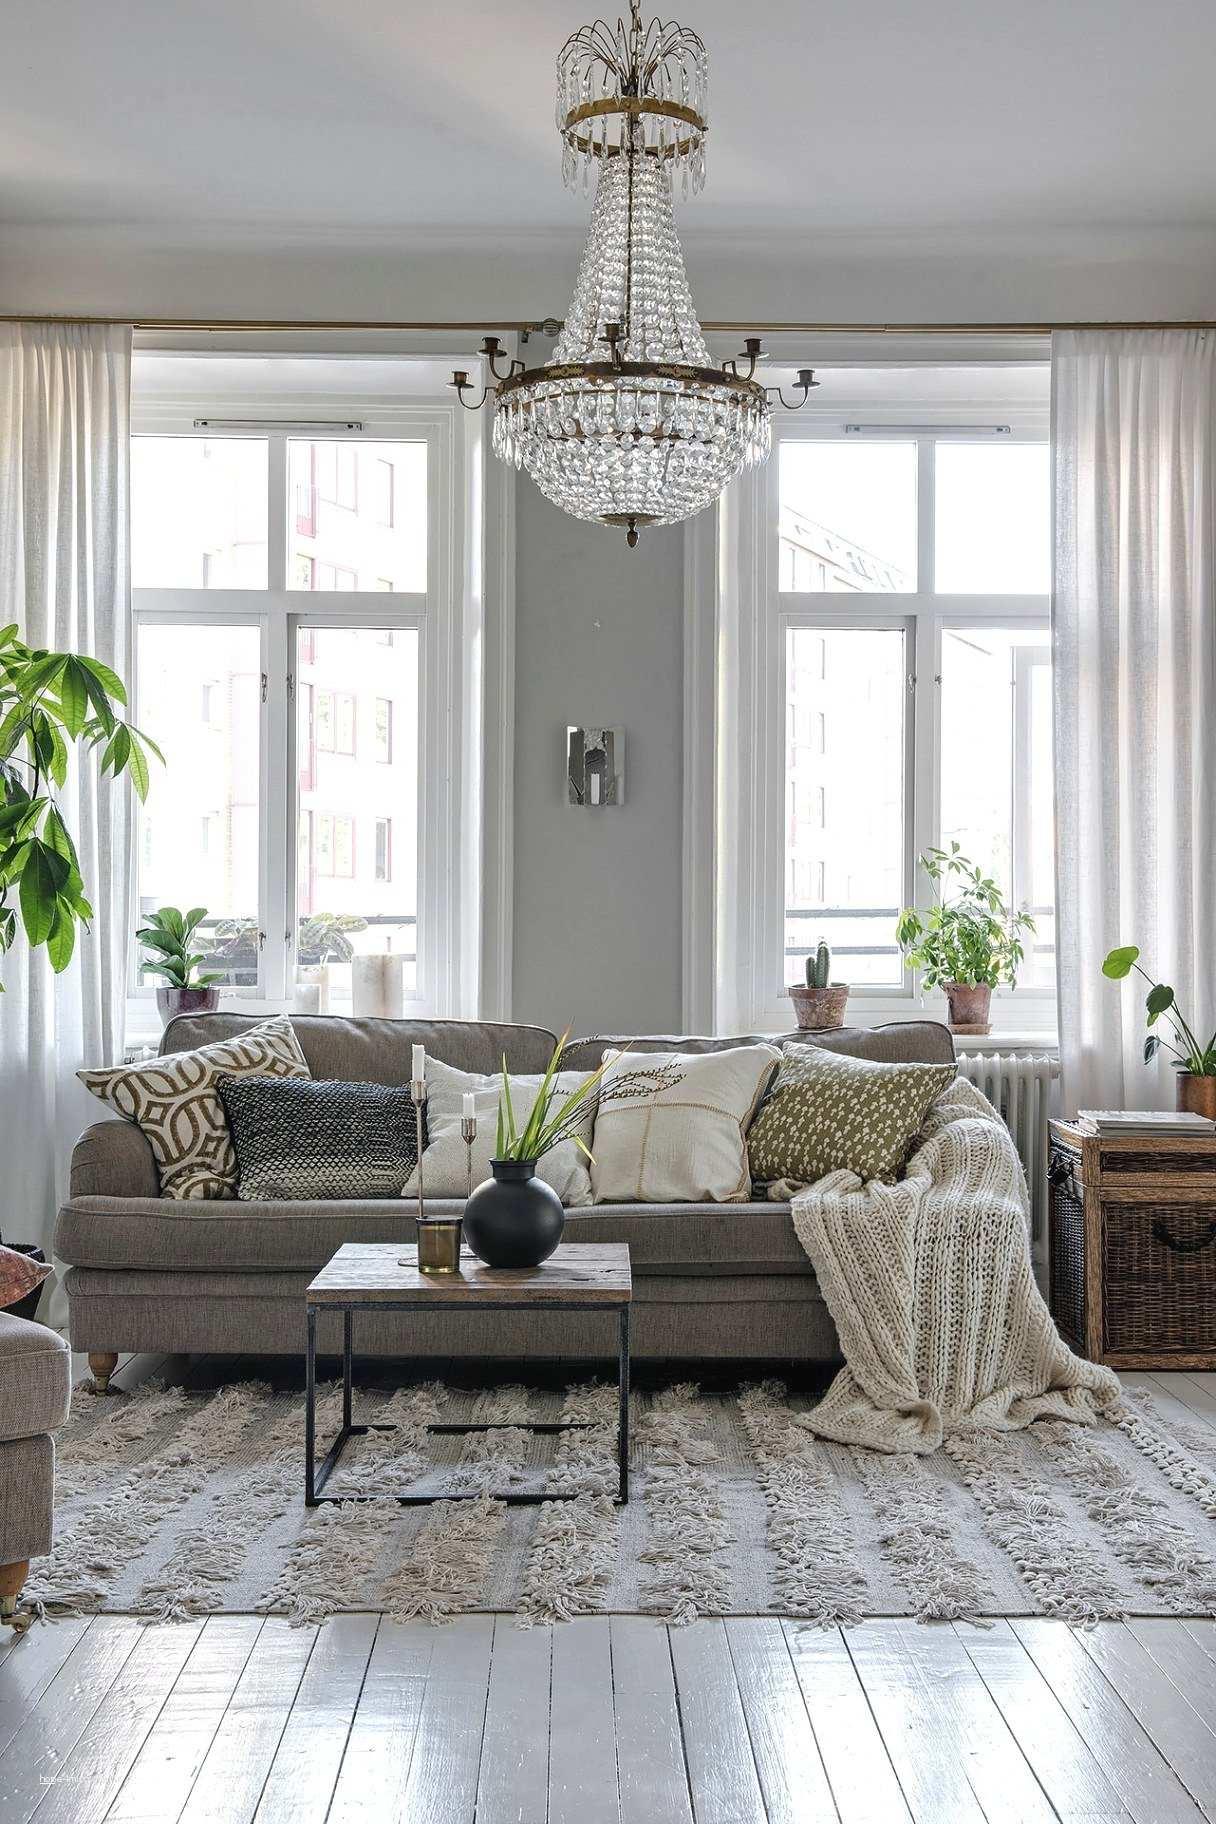 wohnzimmer gestalten tipps reizend 35 inspirierend balkon gestalten tipps of wohnzimmer gestalten tipps